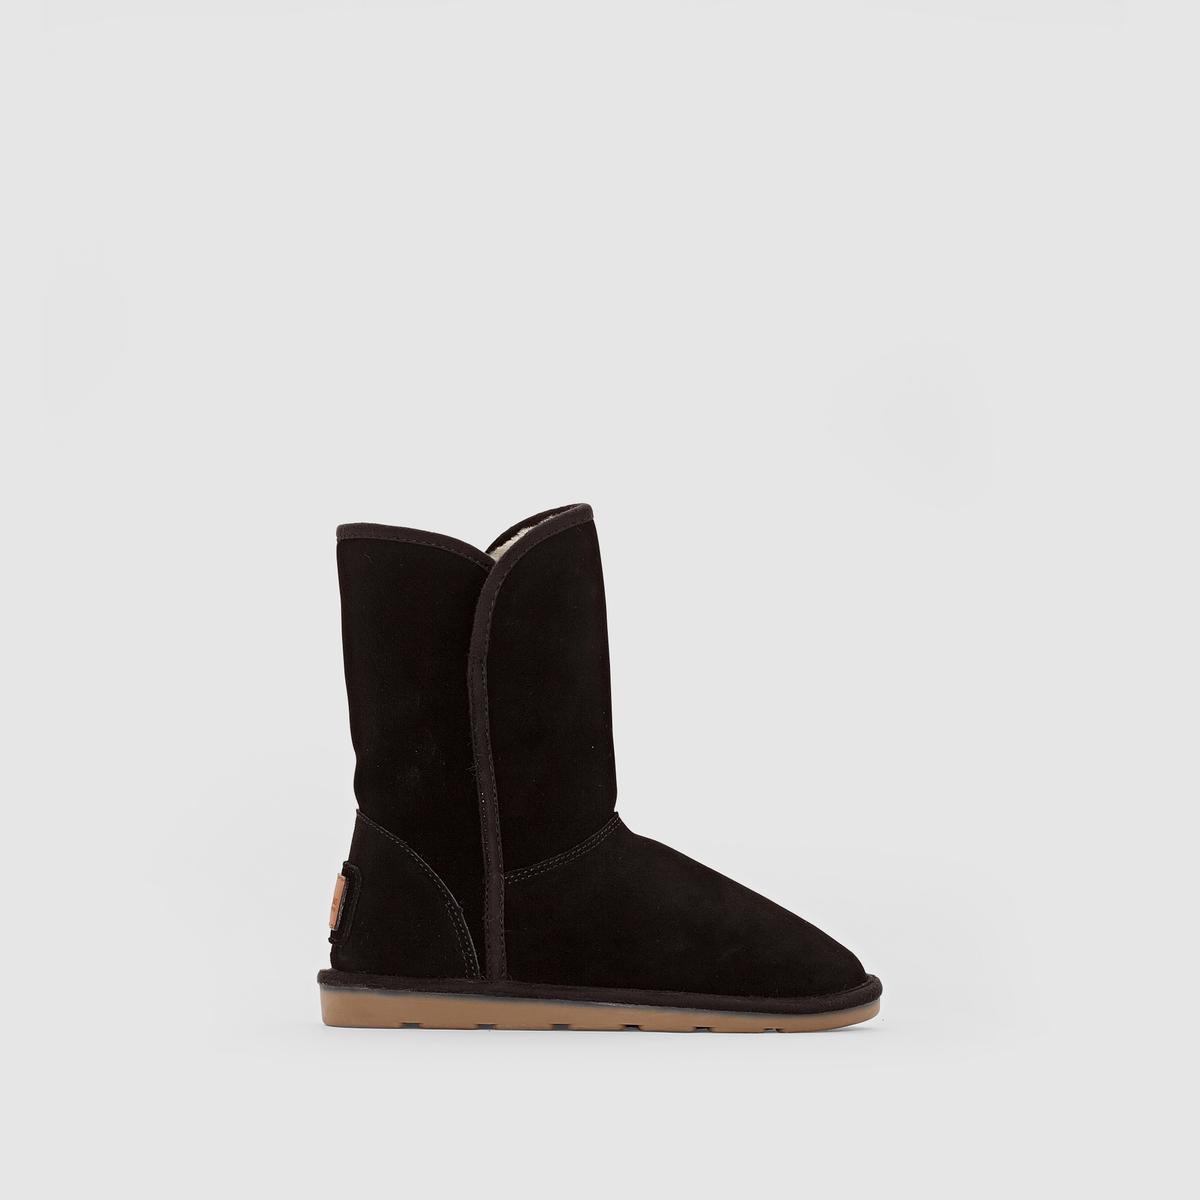 Ботинки замшевые,  CARMENПодкладка: Текстиль.           Стелька: Текстиль.          Подошва: Синтетический материал.         Высота каблука: 2 см.  Высота голенища: 13 см.  Форма каблука: Плоская.  Мысок: Круглый.            Застежка: Без застежки.<br><br>Цвет: черный<br>Размер: 39